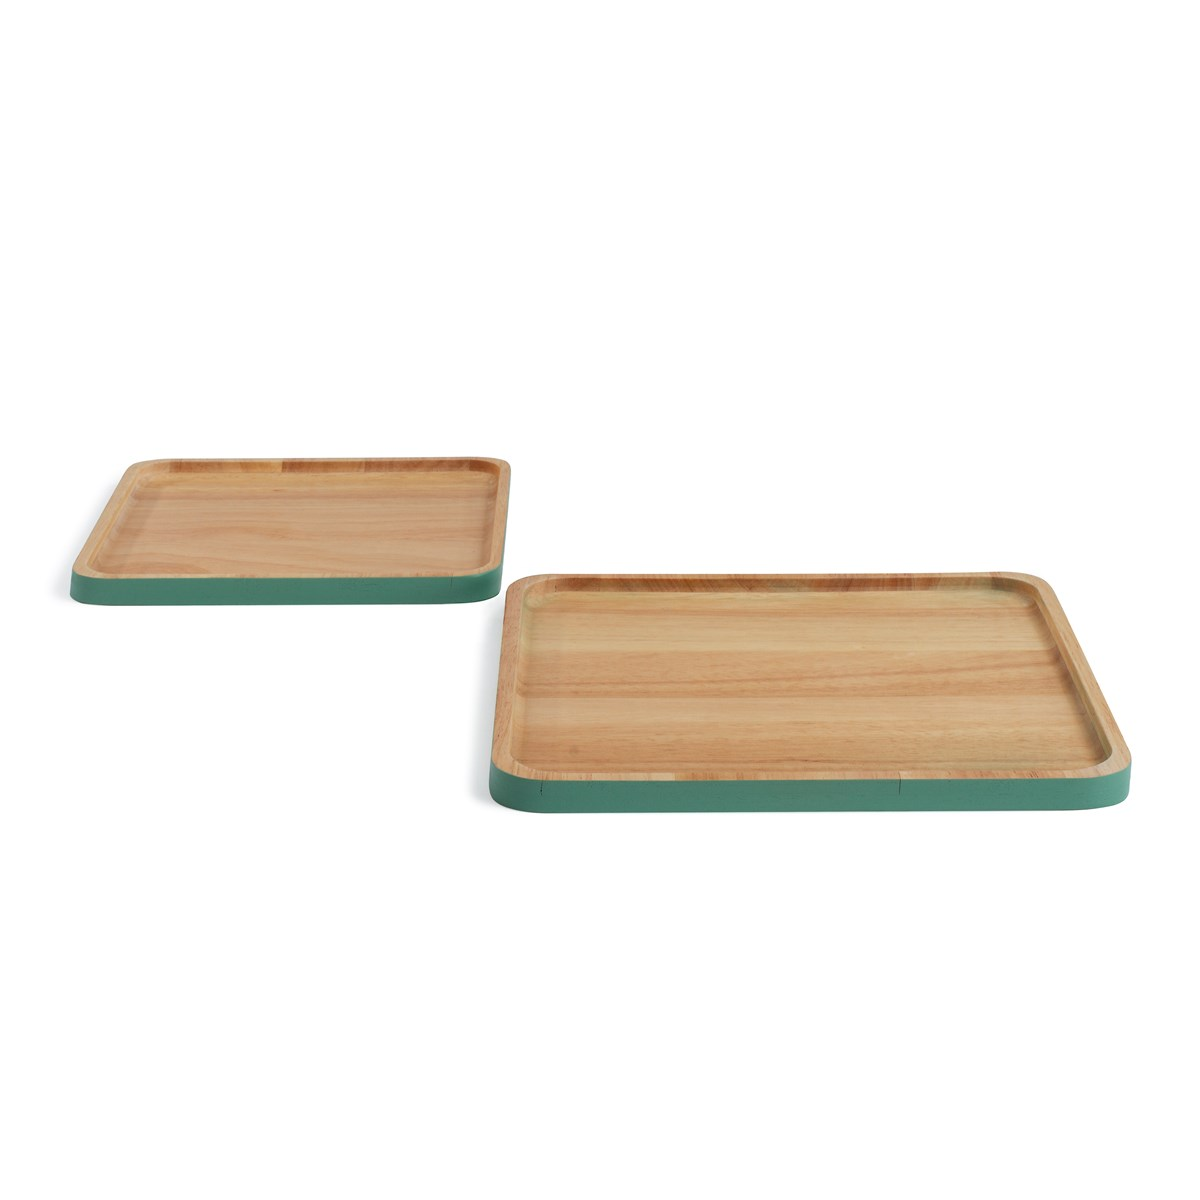 Set de 2 plateaux en bois beige